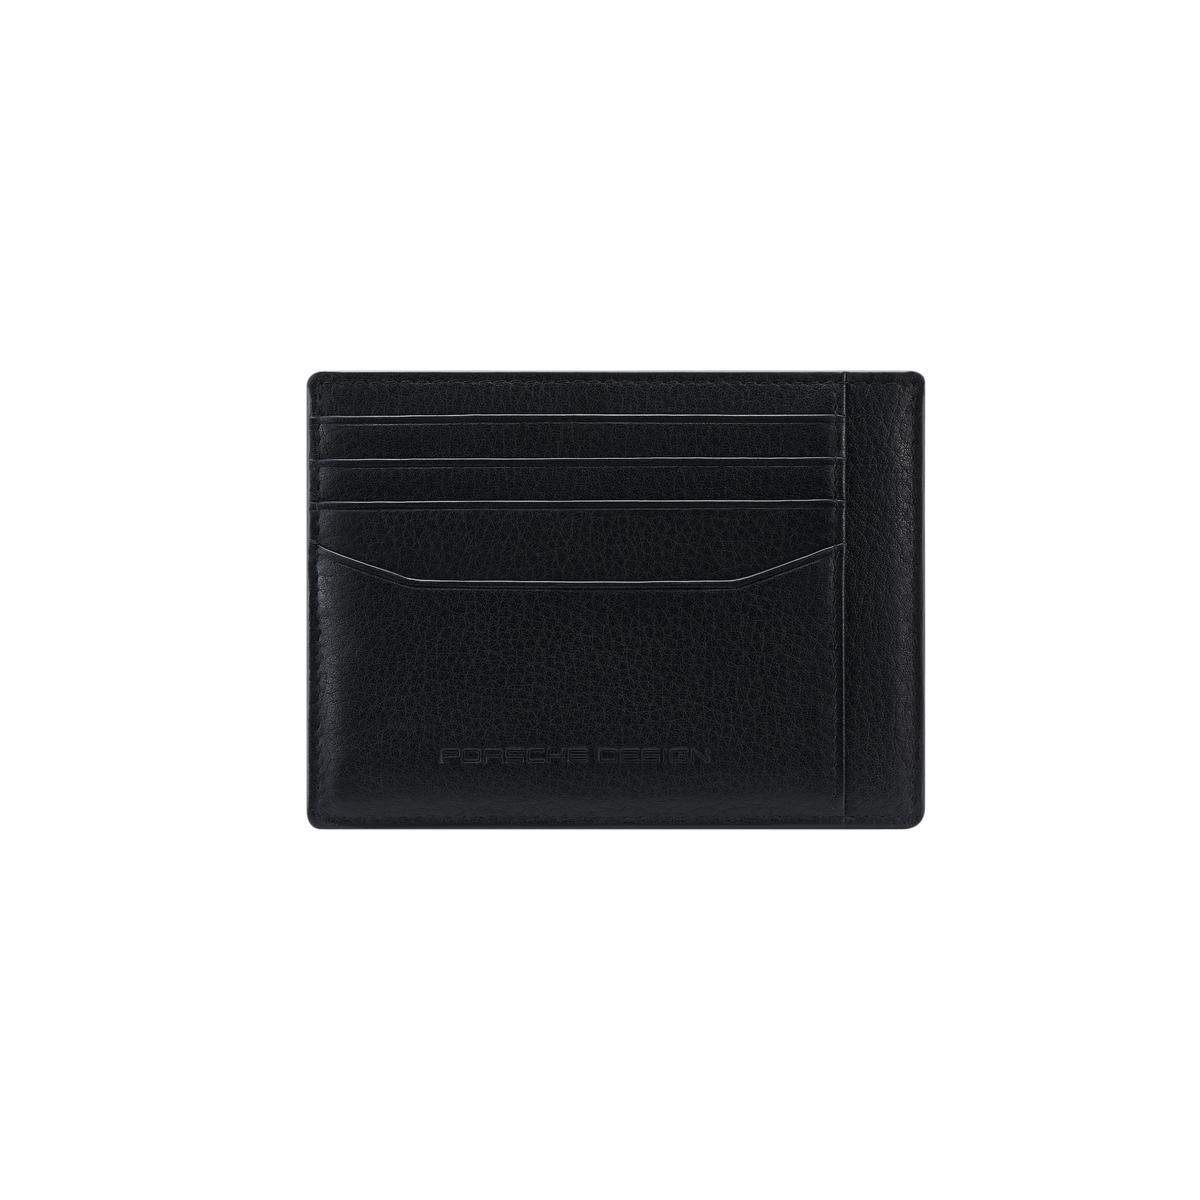 Porsche Design πορτοφόλι δερμάτινο για κάρτες 11.5x8.5x0.1cm Cardholder 4 Black